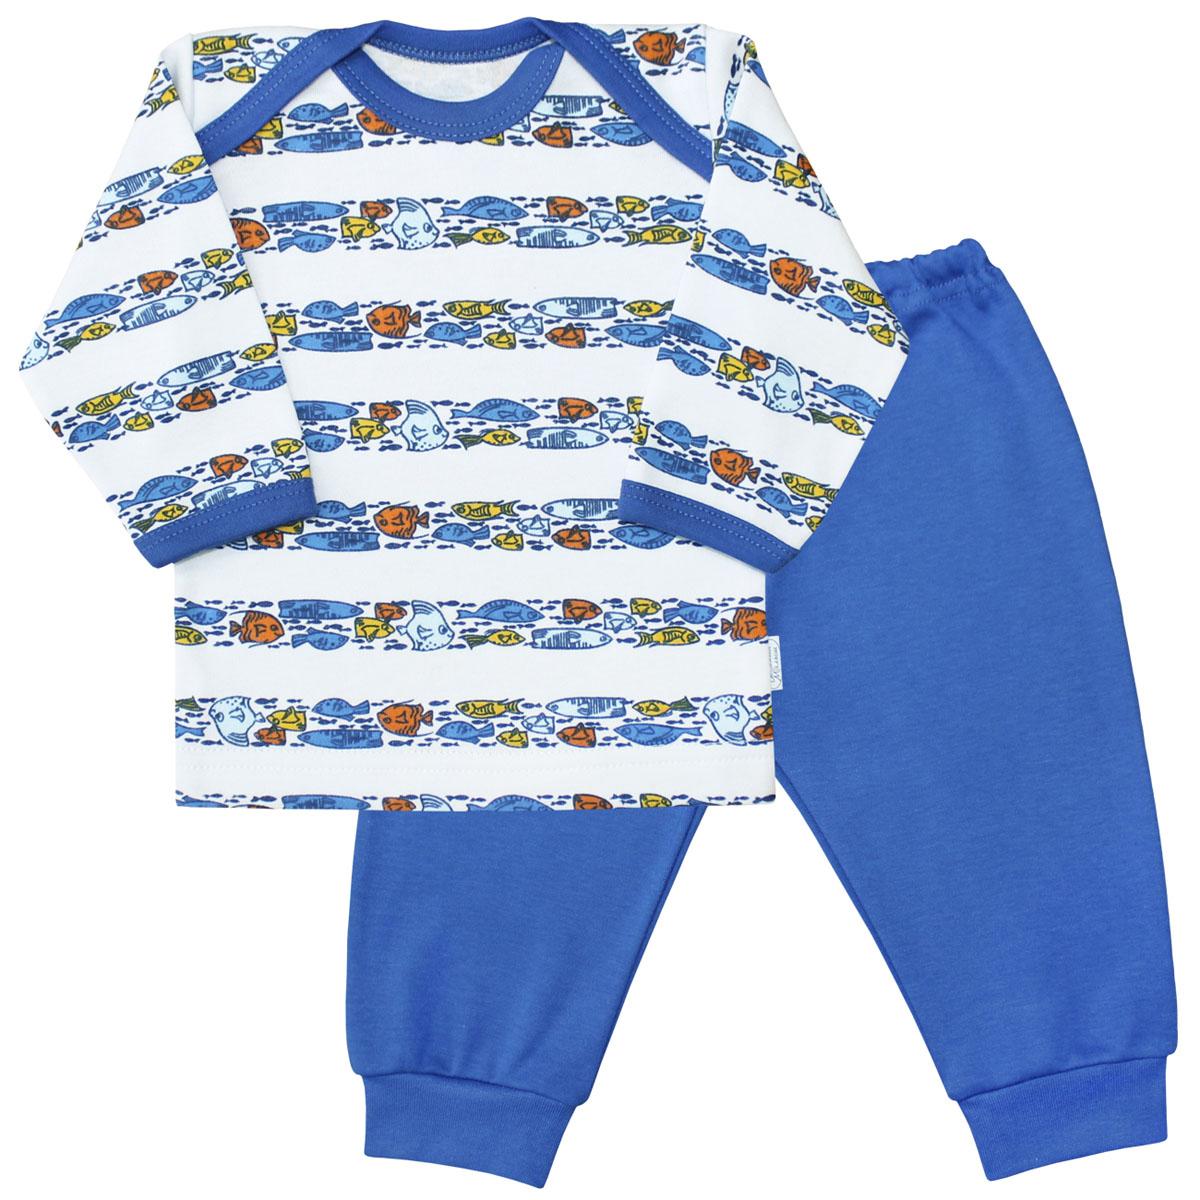 Пижама для мальчика Веселый малыш Морская жизнь, цвет: синий. 623332/мж-D (1). Размер 74623332Пижама для мальчика Веселый малыш выполнена из качественного материала и состоит из лонгслива и брюк. Лонгслив с длинными рукавами и круглым вырезом горловины. Брюки понизу дополнены манжетами.